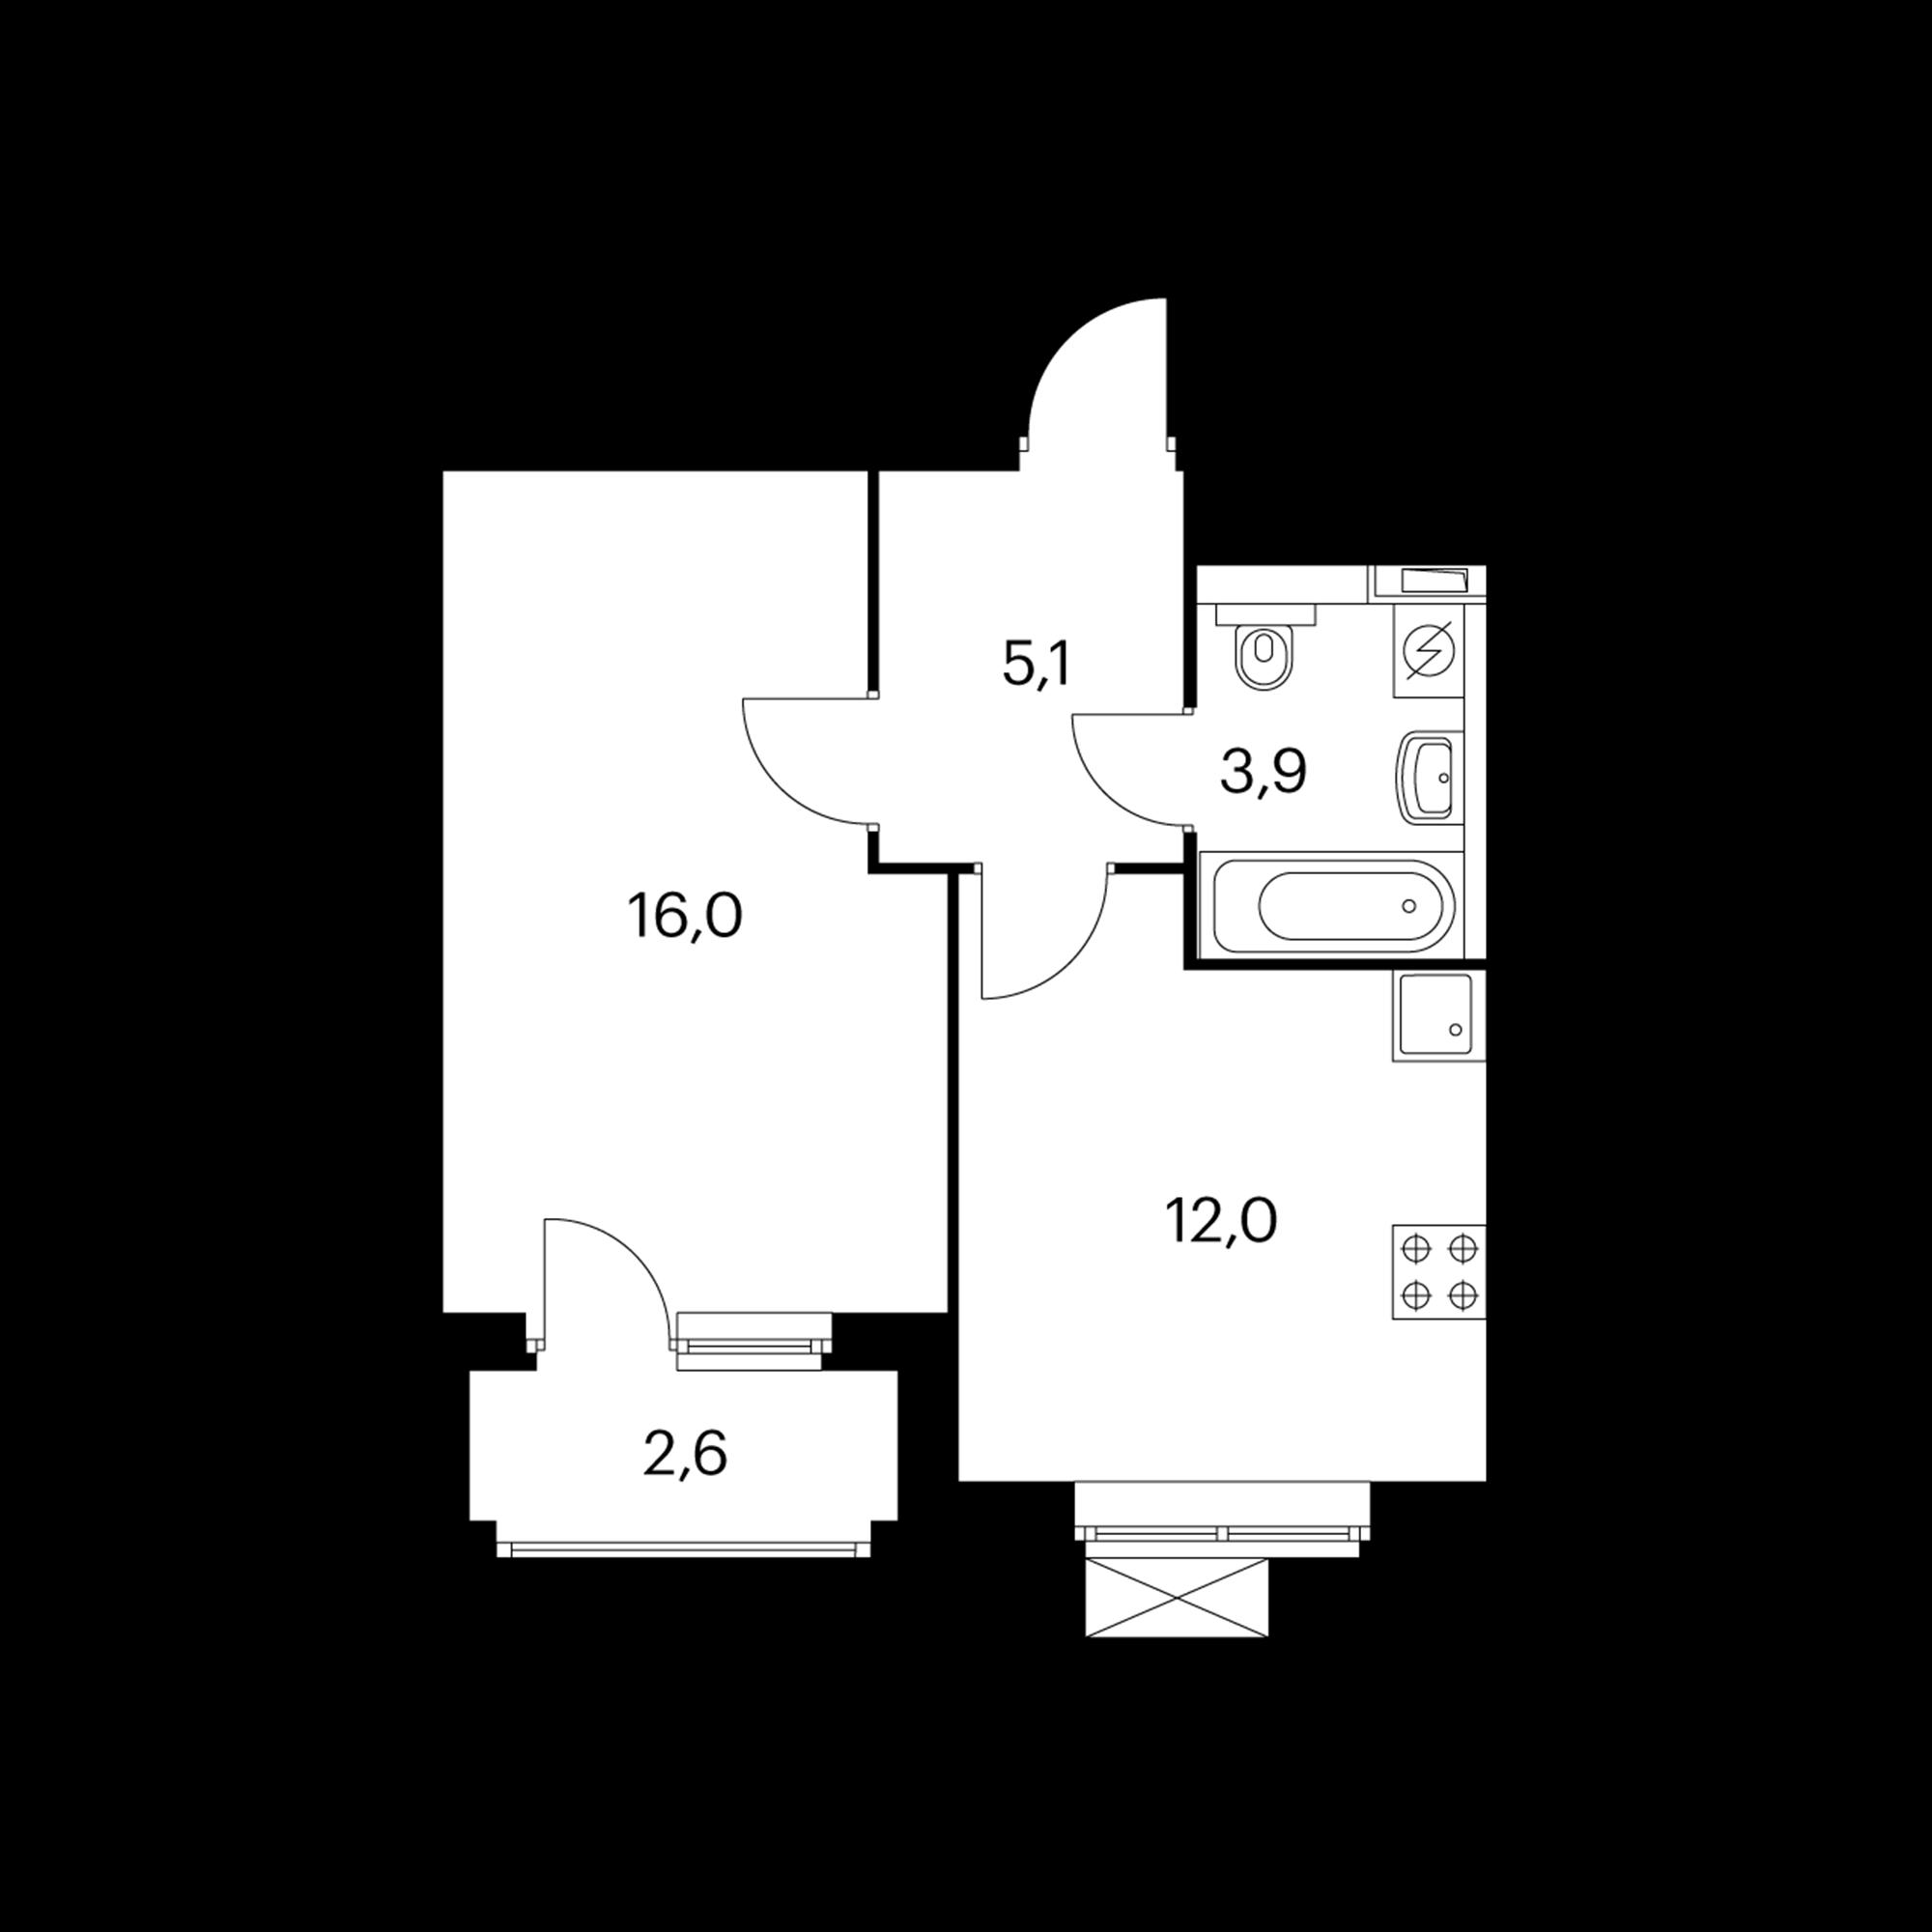 1KM1_6.9-5L